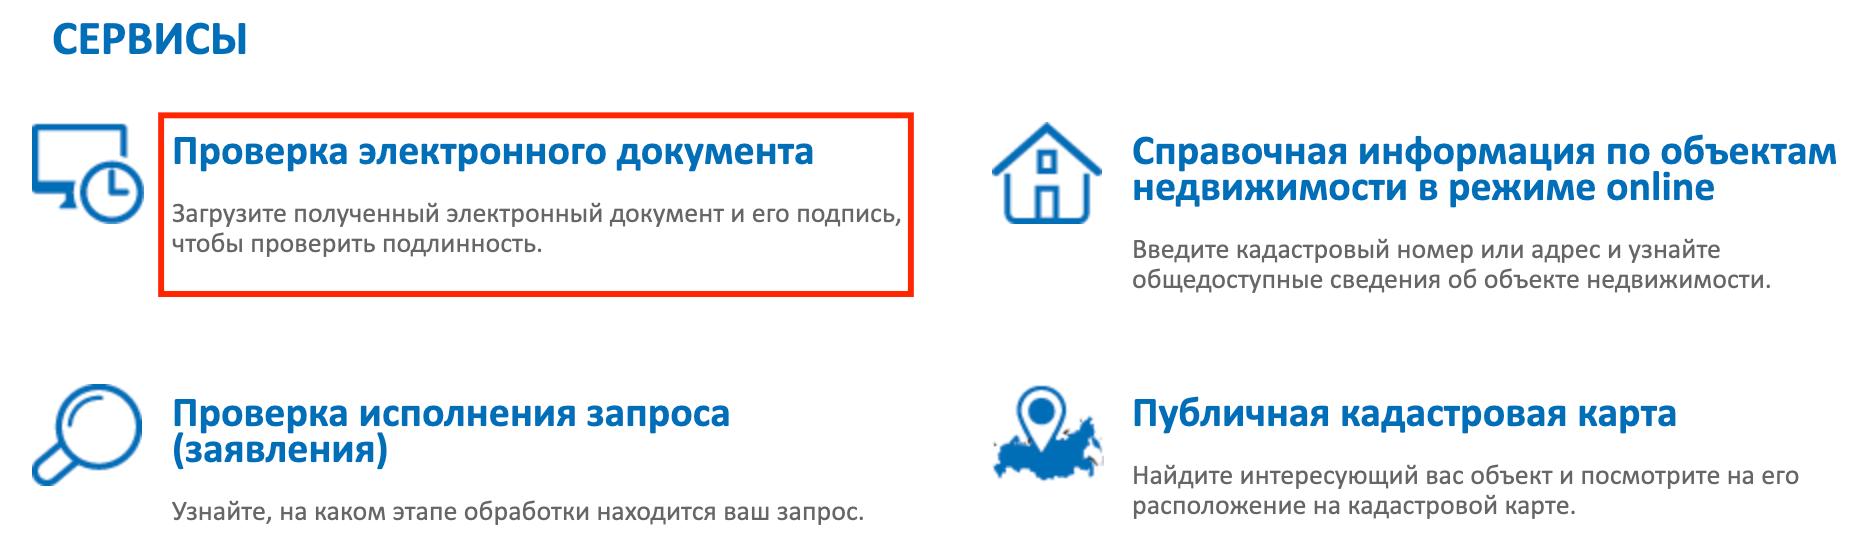 Проверка документа онлайн